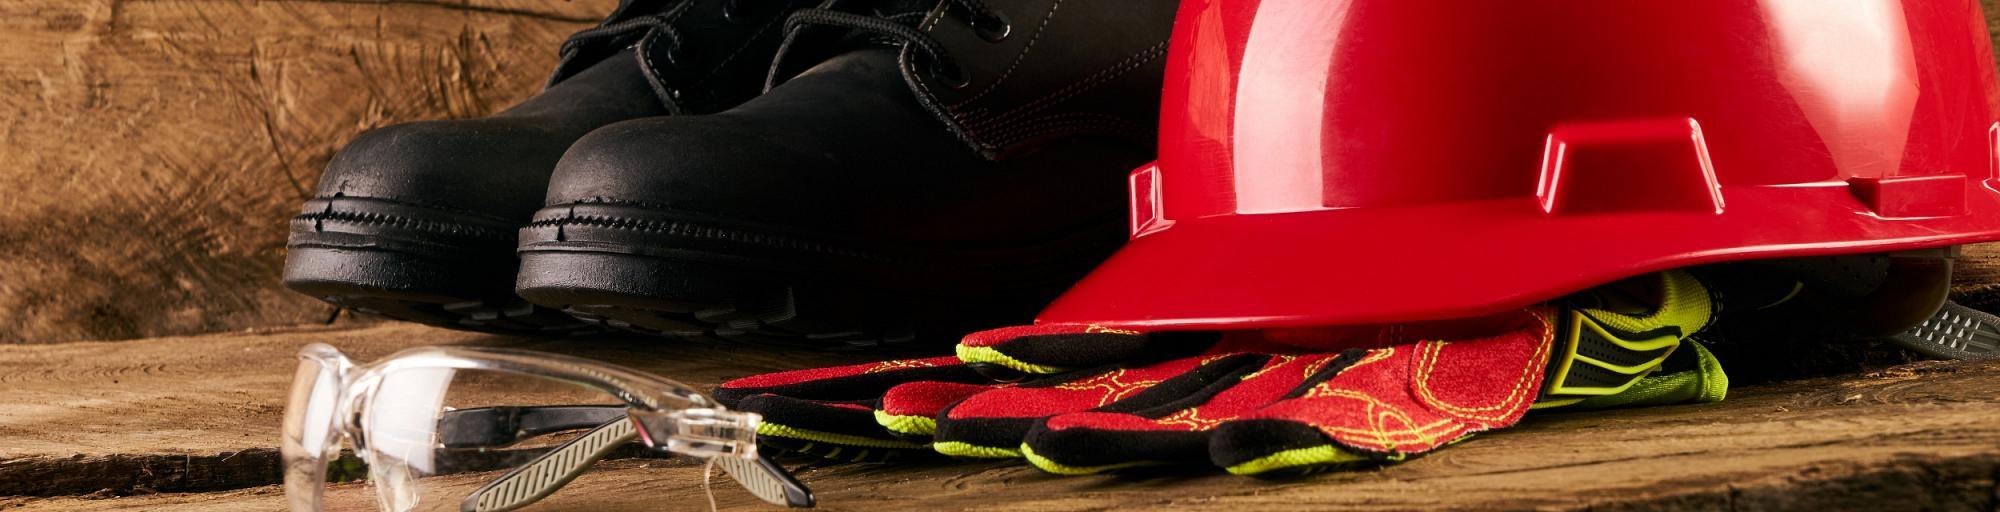 Arbeitsschutz & Sicherheit leihen